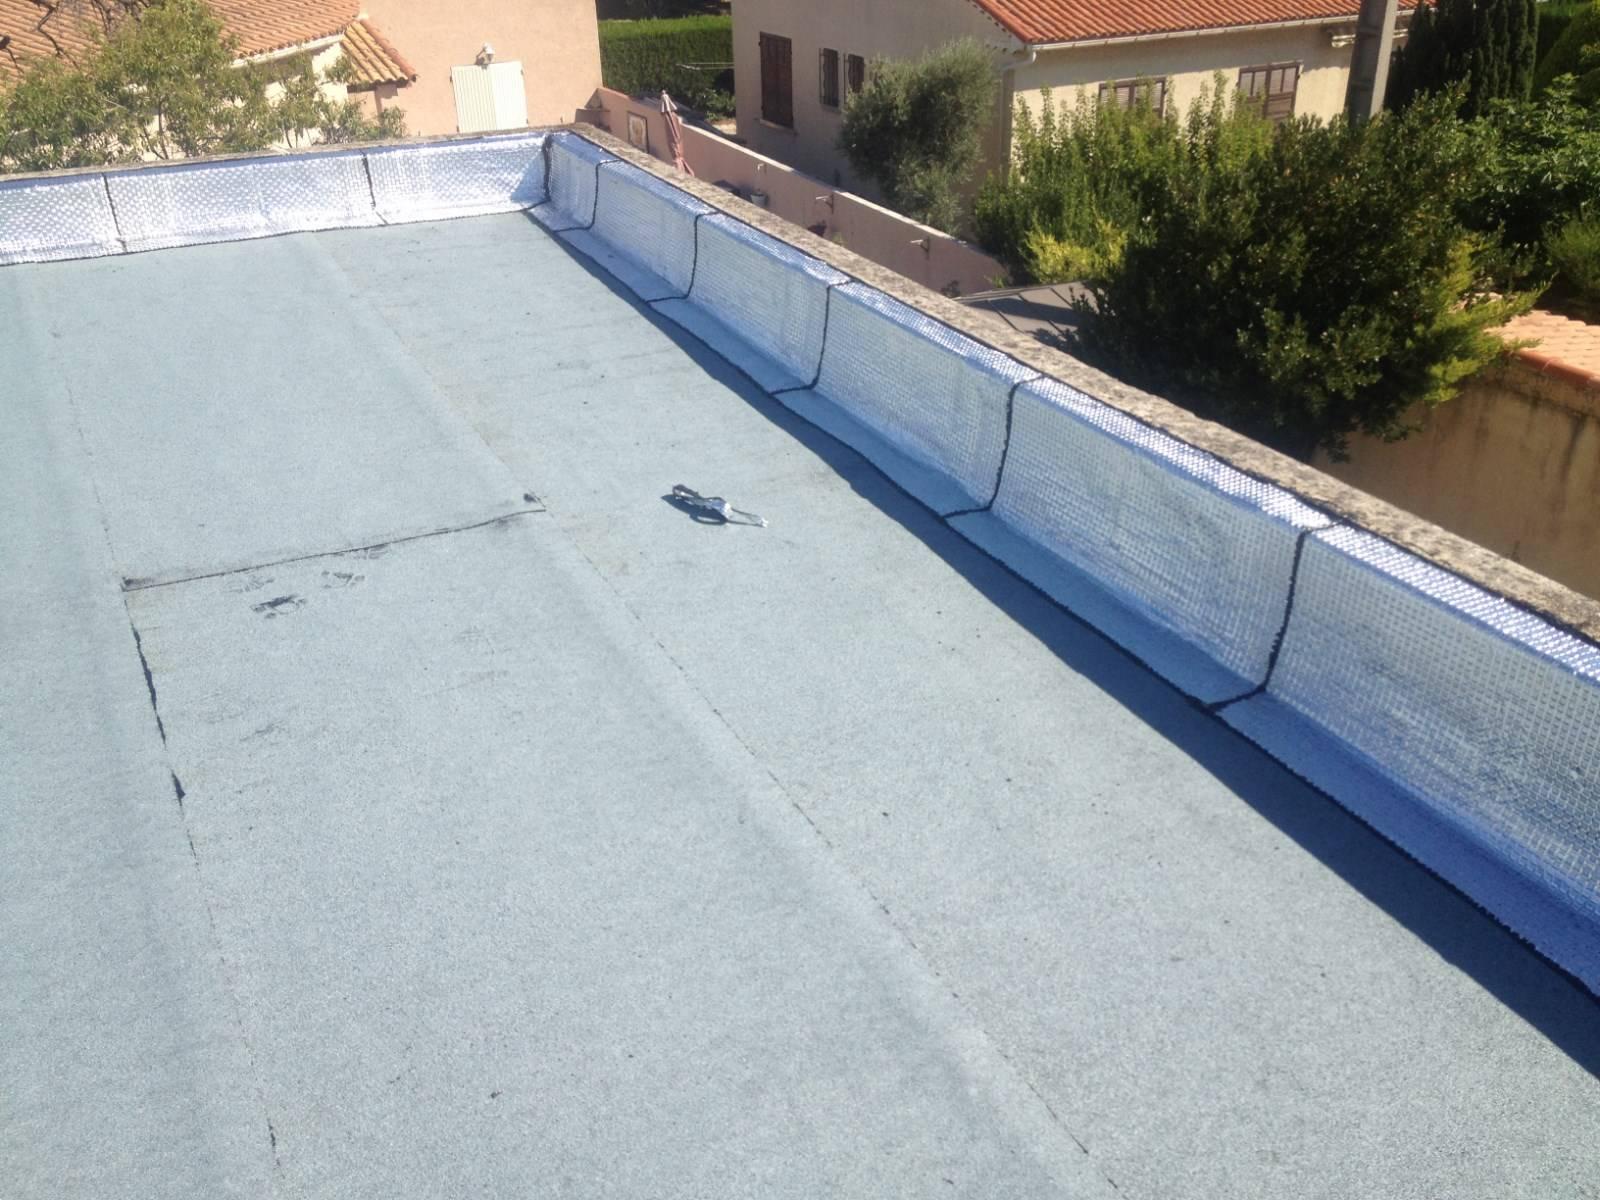 Choisir la bonne étanchéité de ma toiture terrasse (toit ...